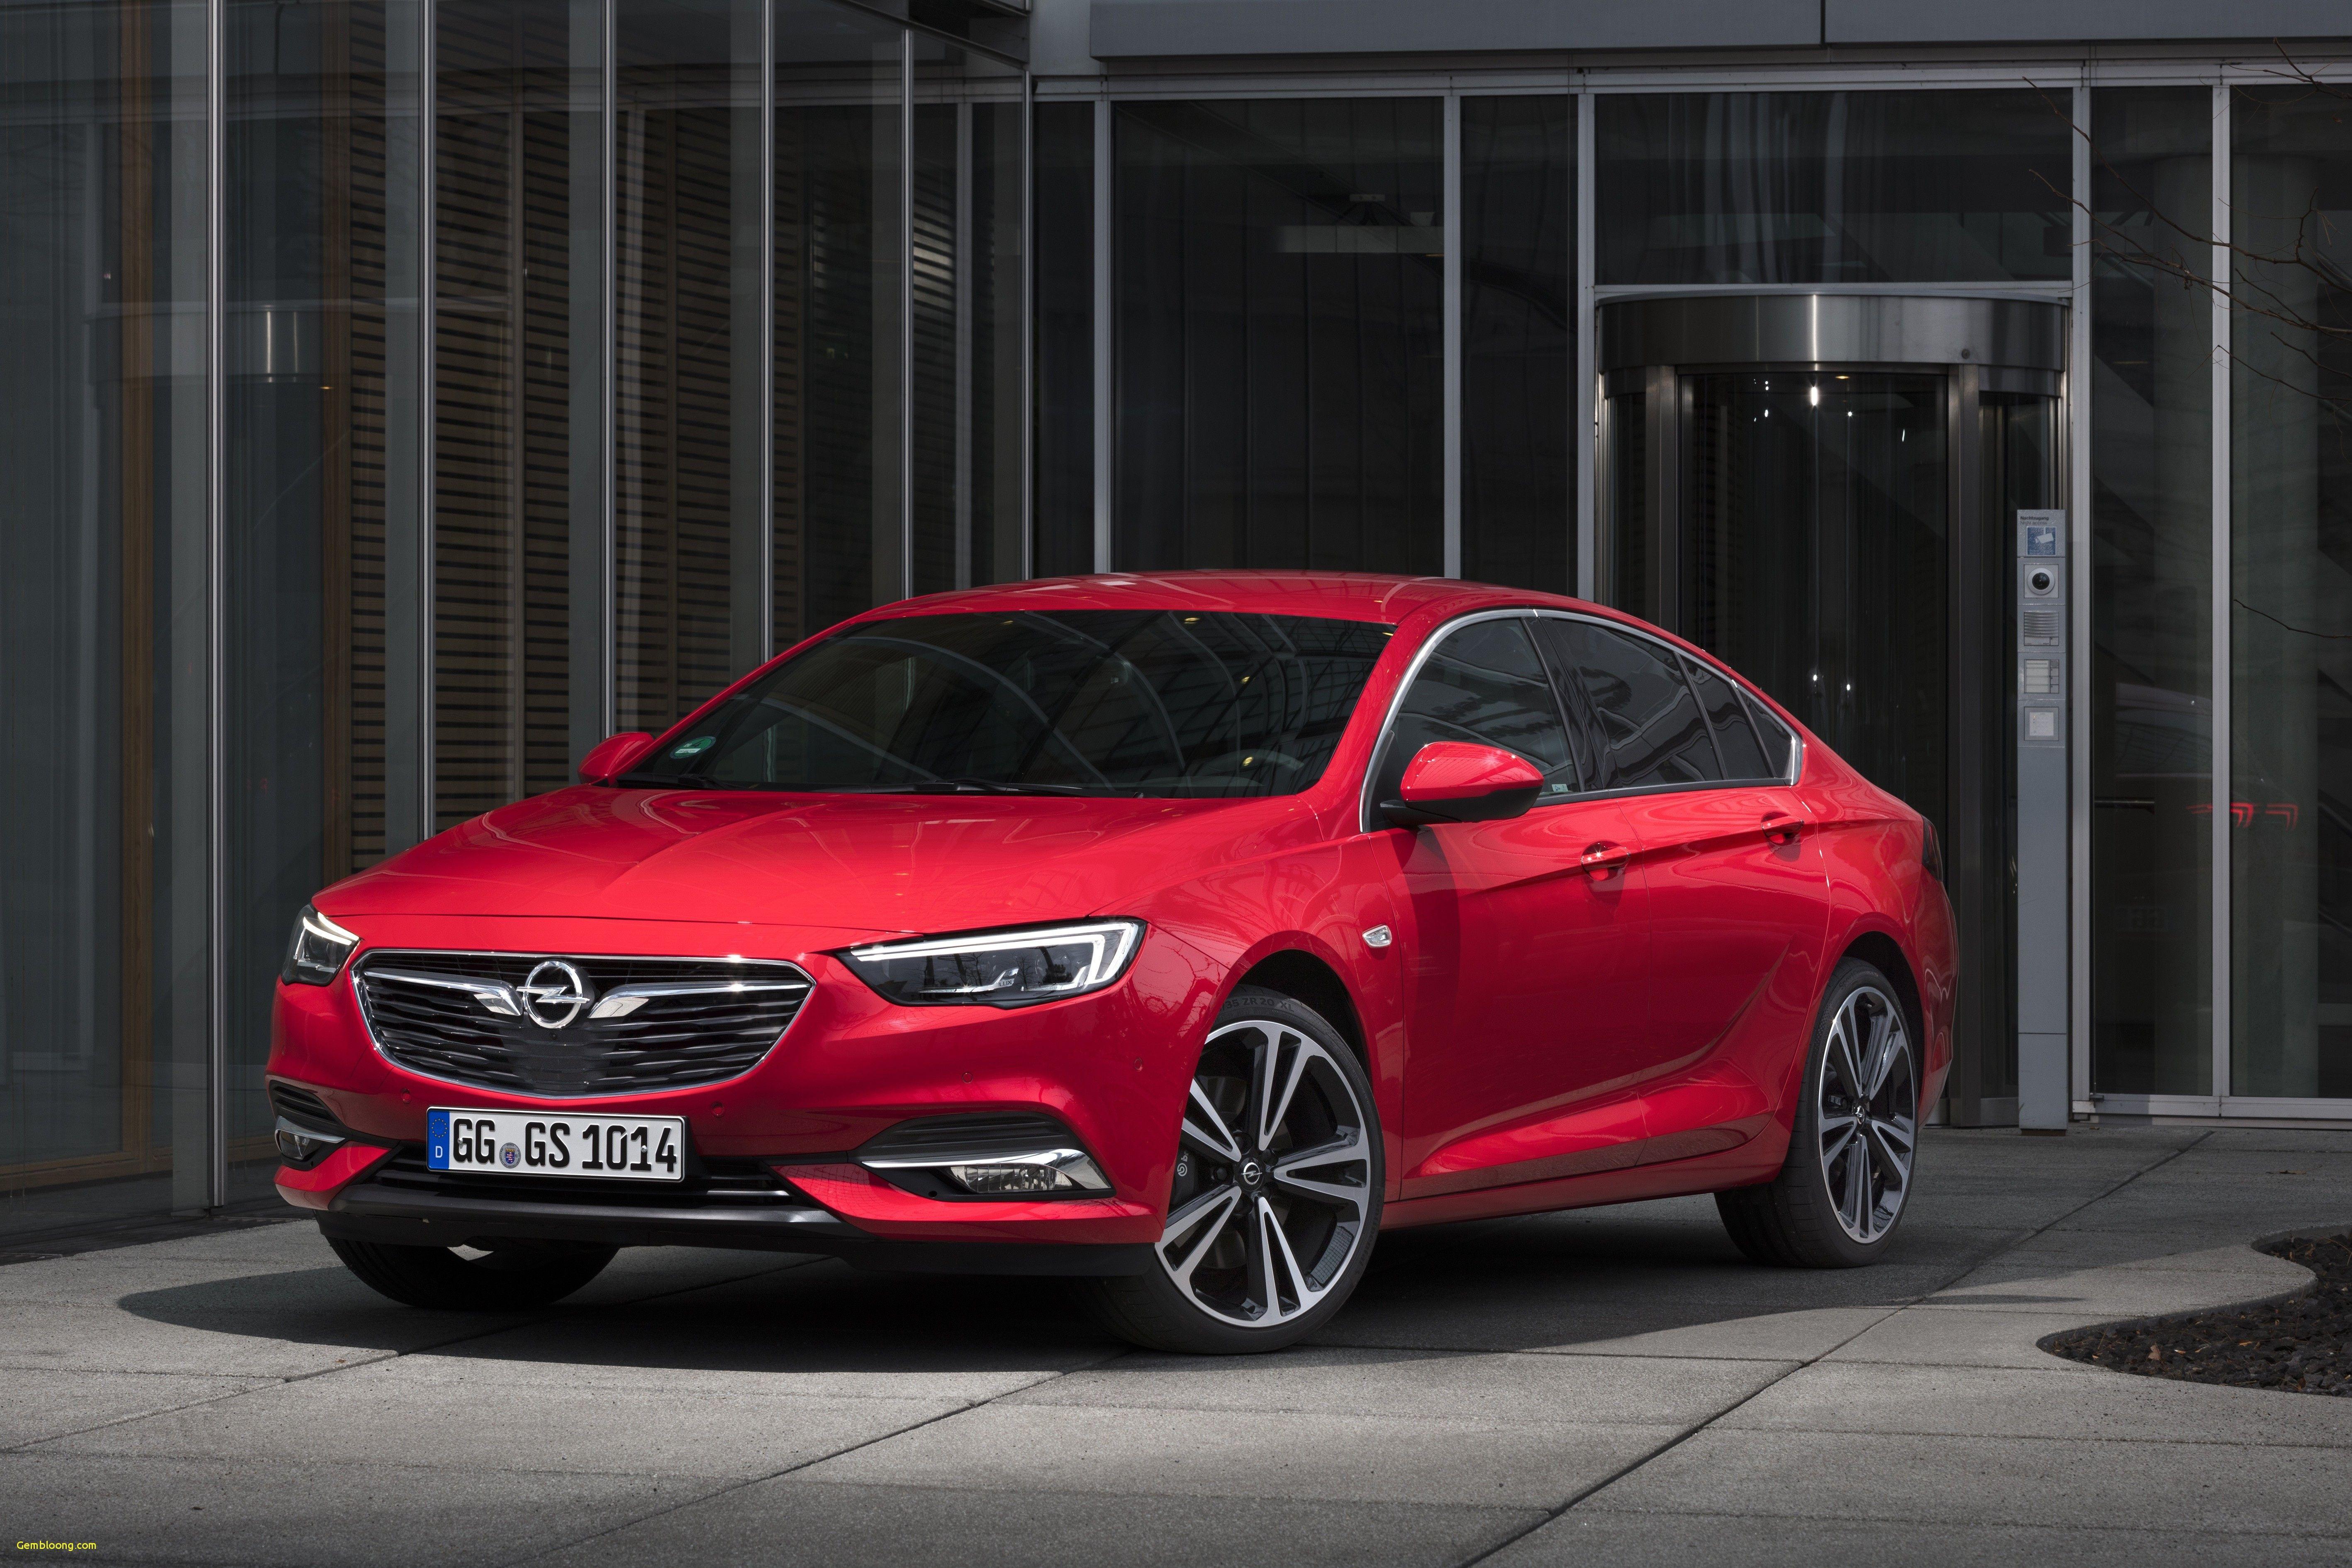 Opel Insignia 2018 2020 Opel Karl Beautiful 2018 Opel Insignia Grand Opel Car Cars For Sale